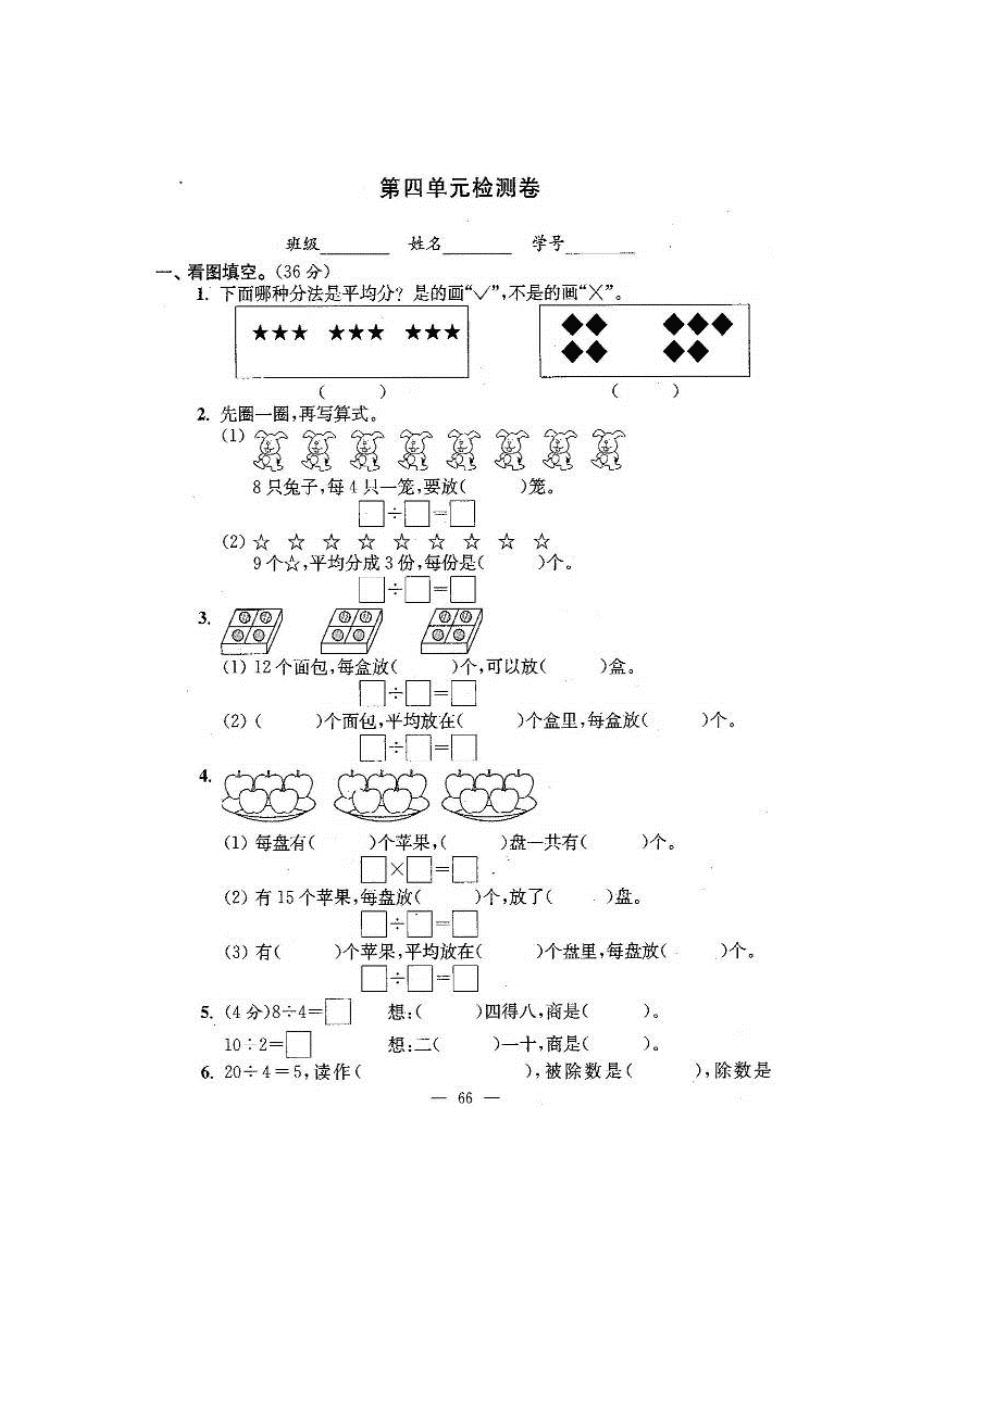 二年级上册数学试题-第四单元检测卷 苏教版(2014秋)(图片版及答案).doc